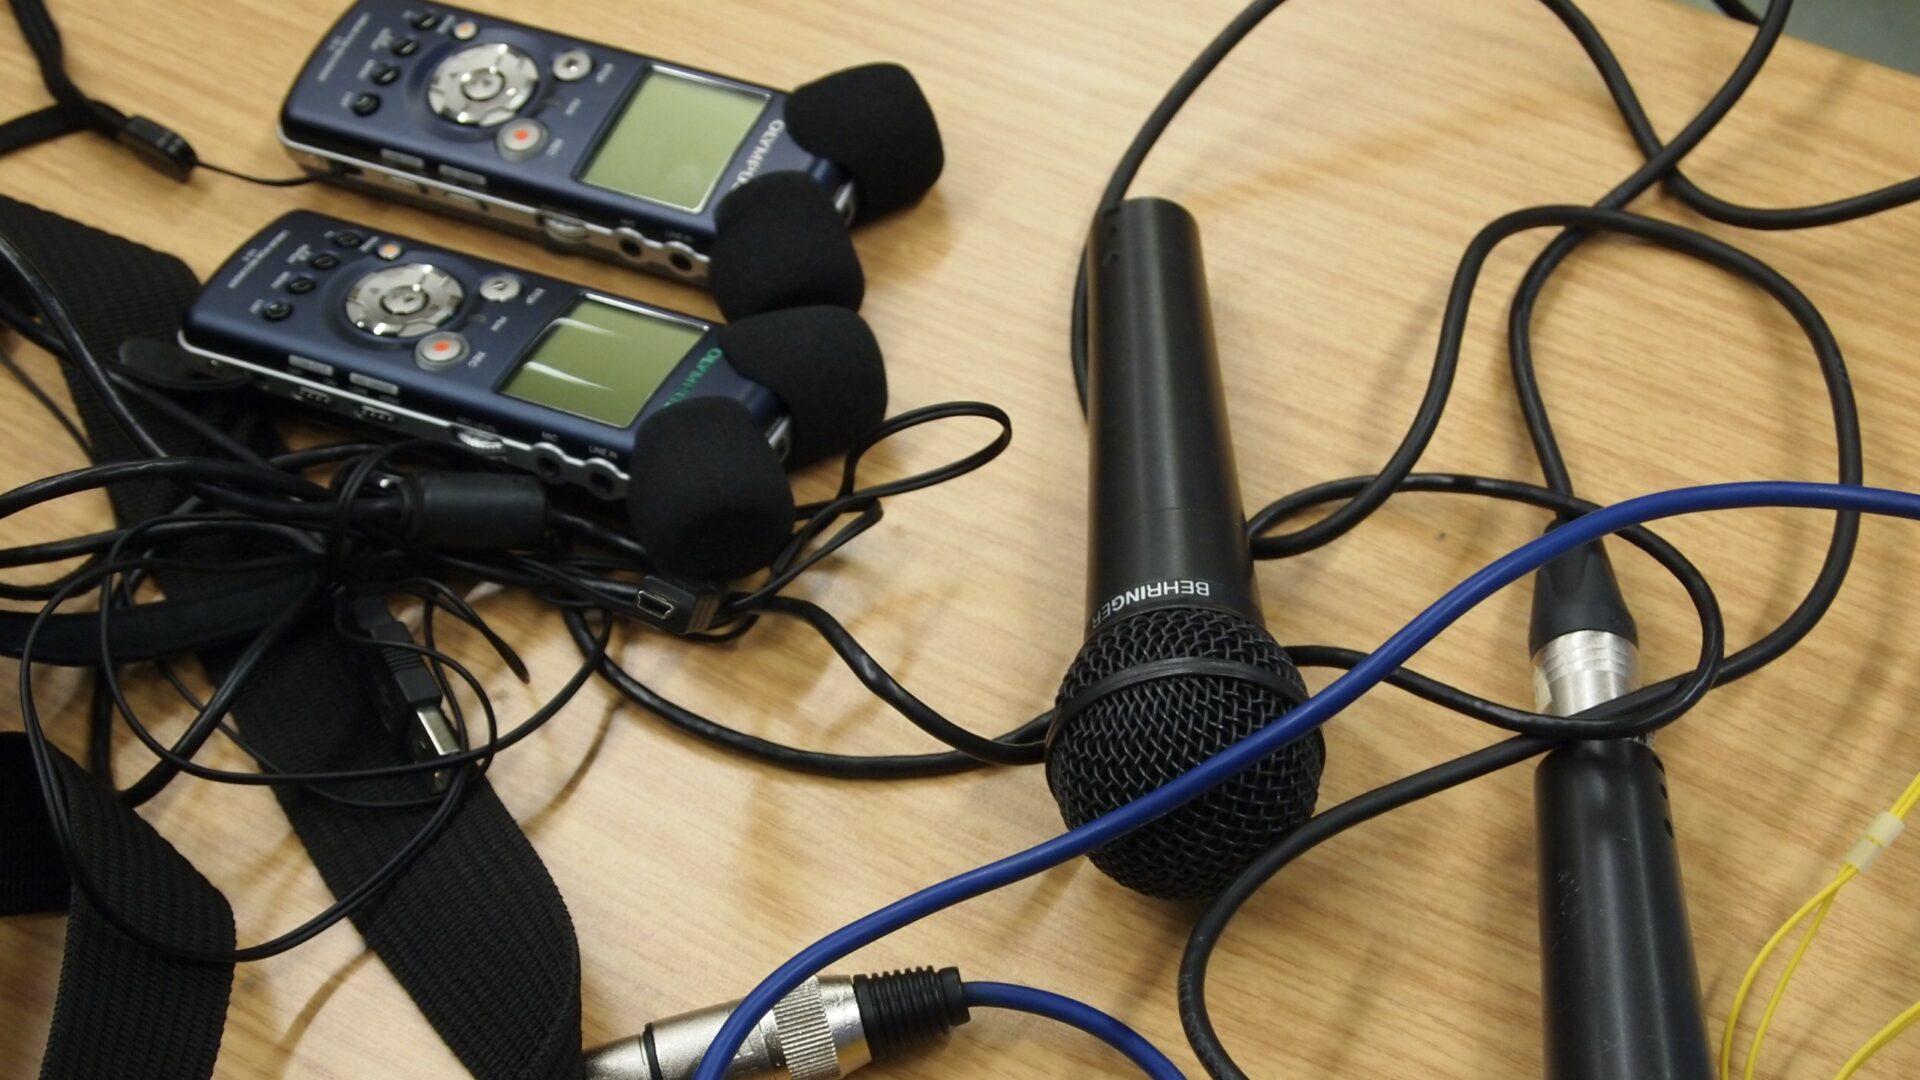 Aufnahmegeräte und Mikrofone liegen auf einem Tisch